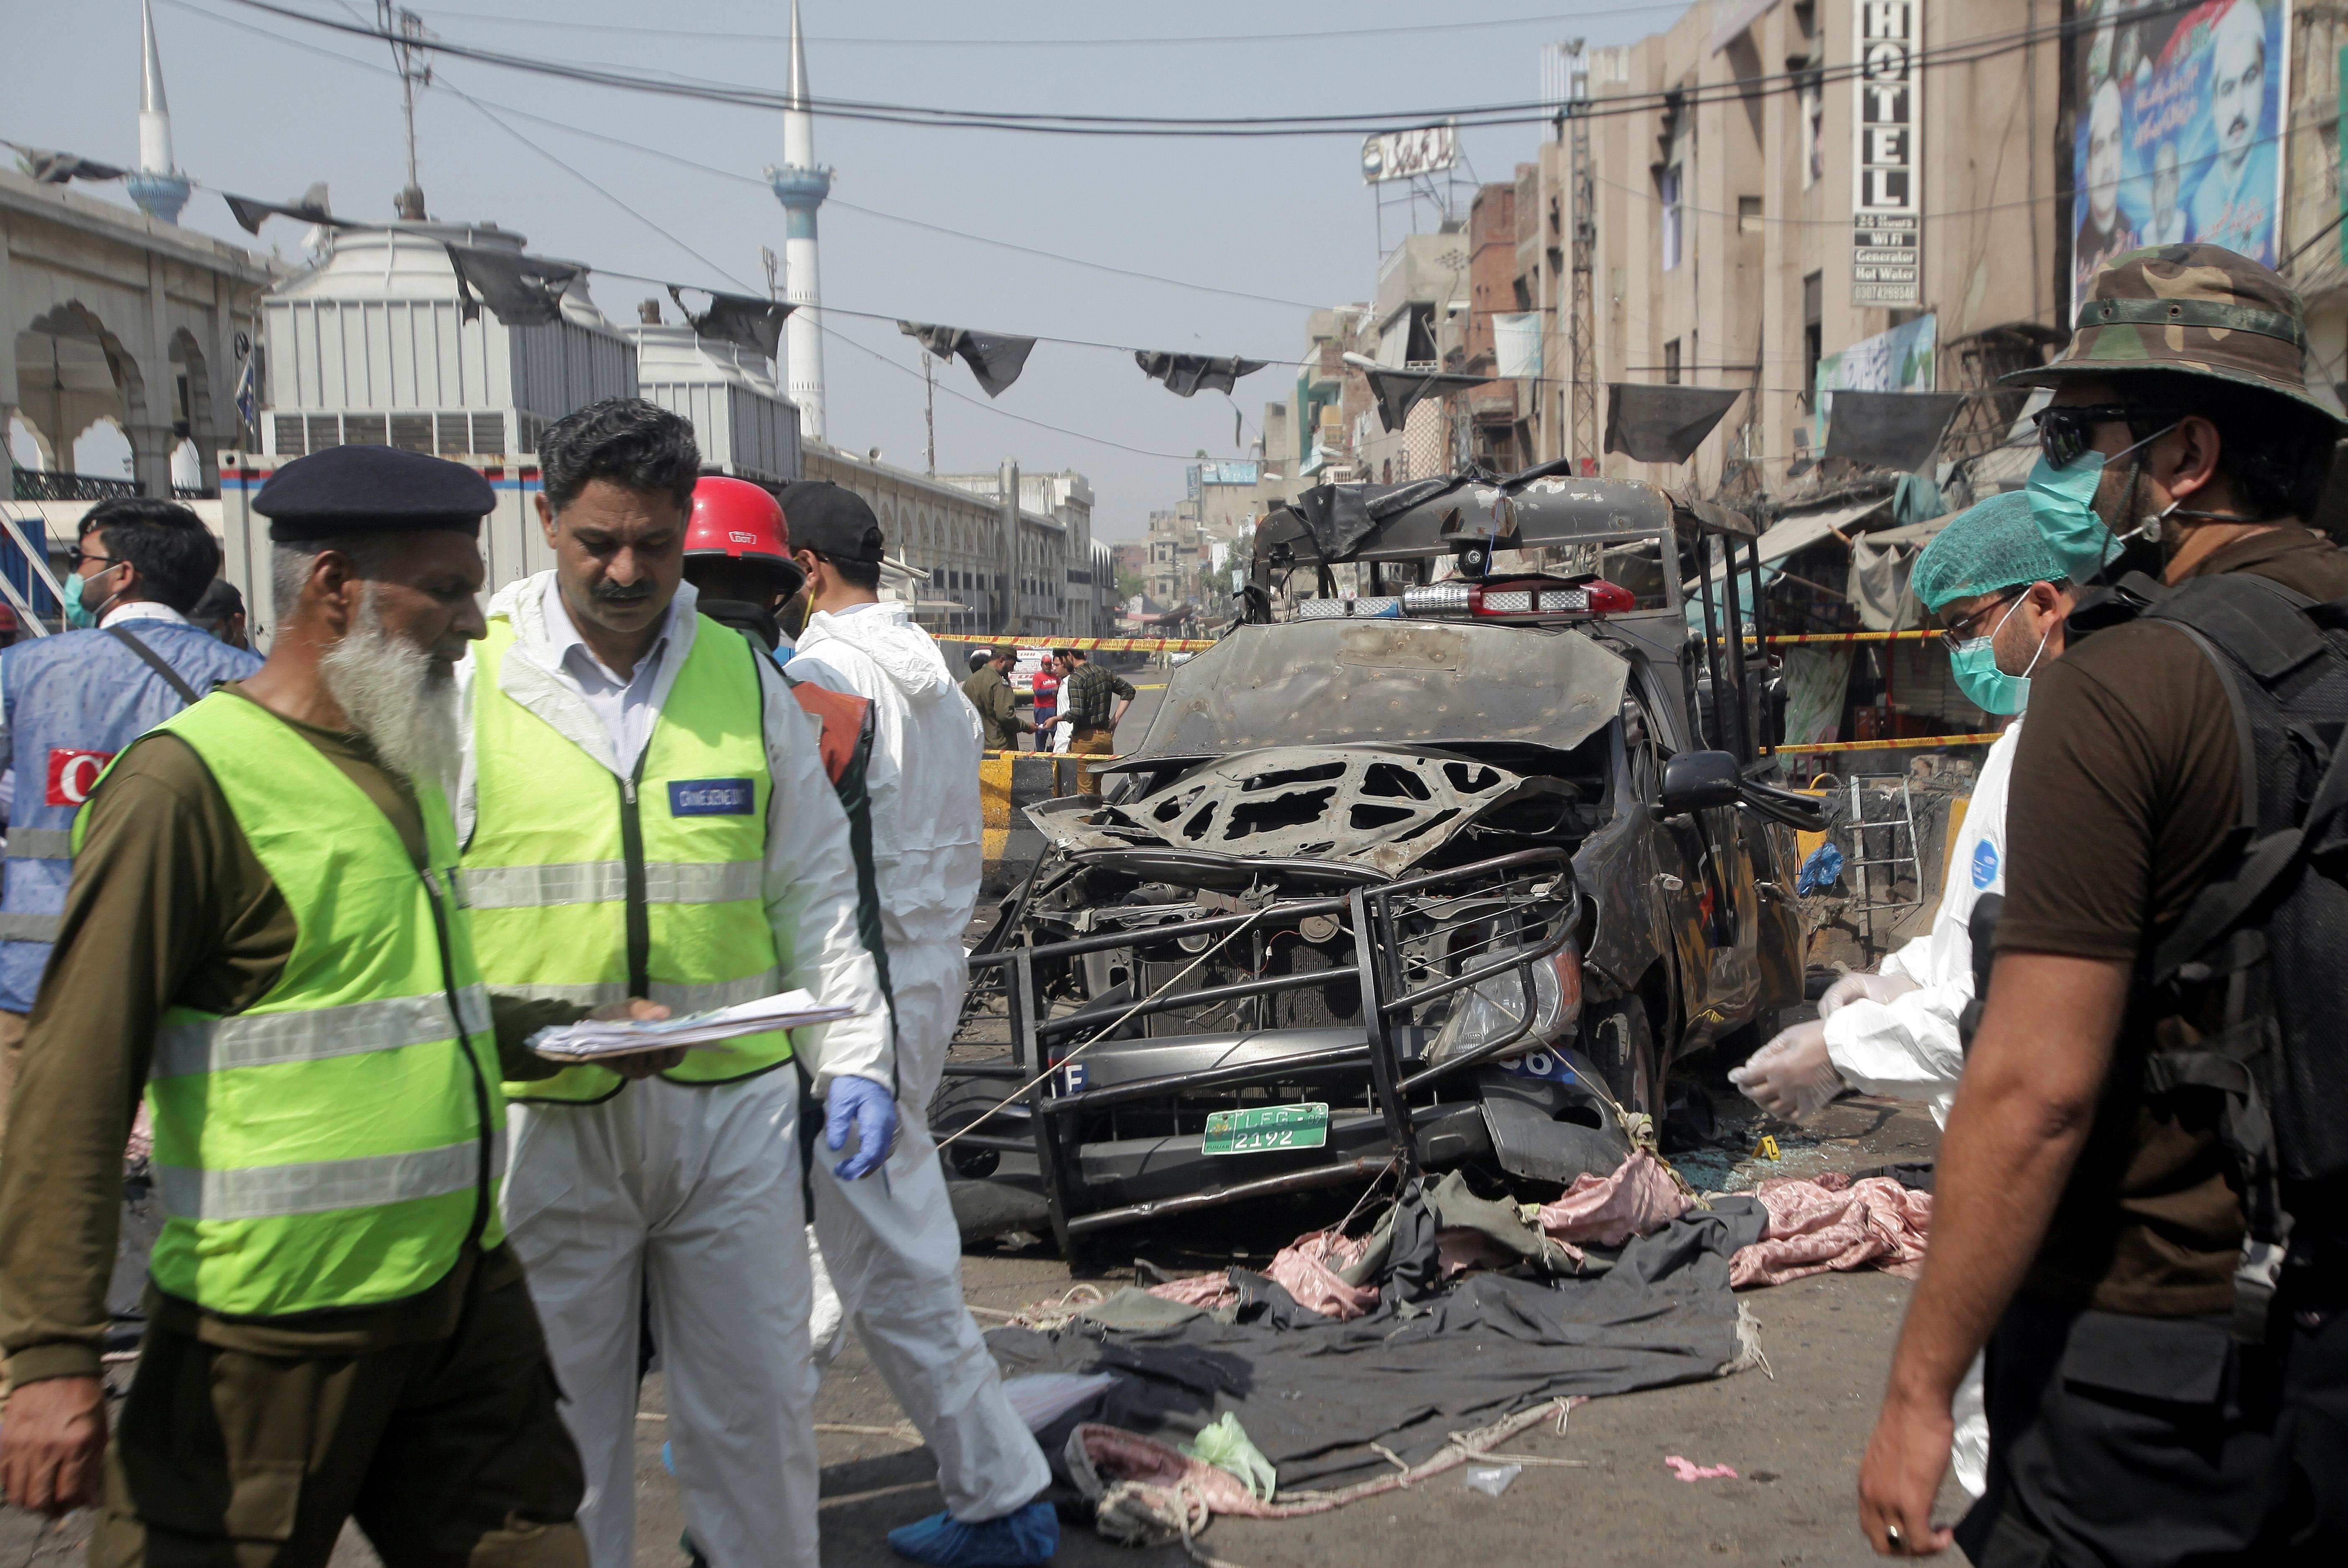 Fuerzas de seguridad tras la explosión en Lahore(REUTERS/Mohsin Raza)